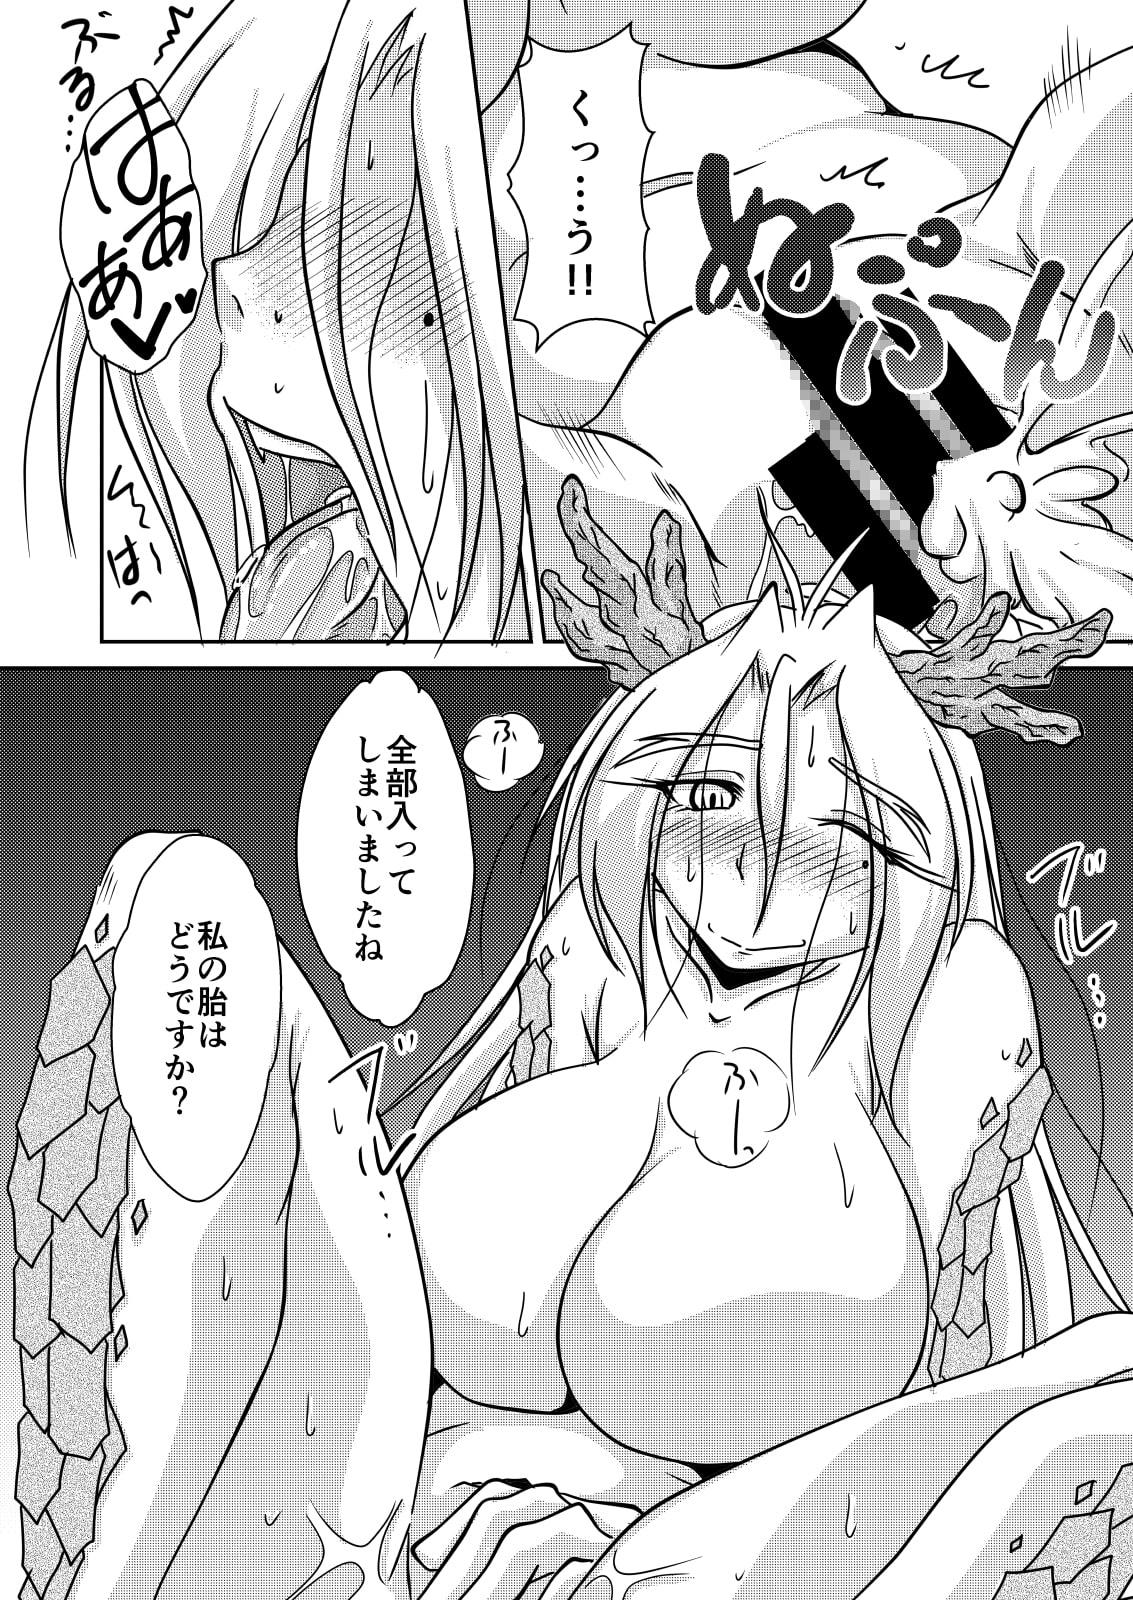 龍神様のおそなえもの